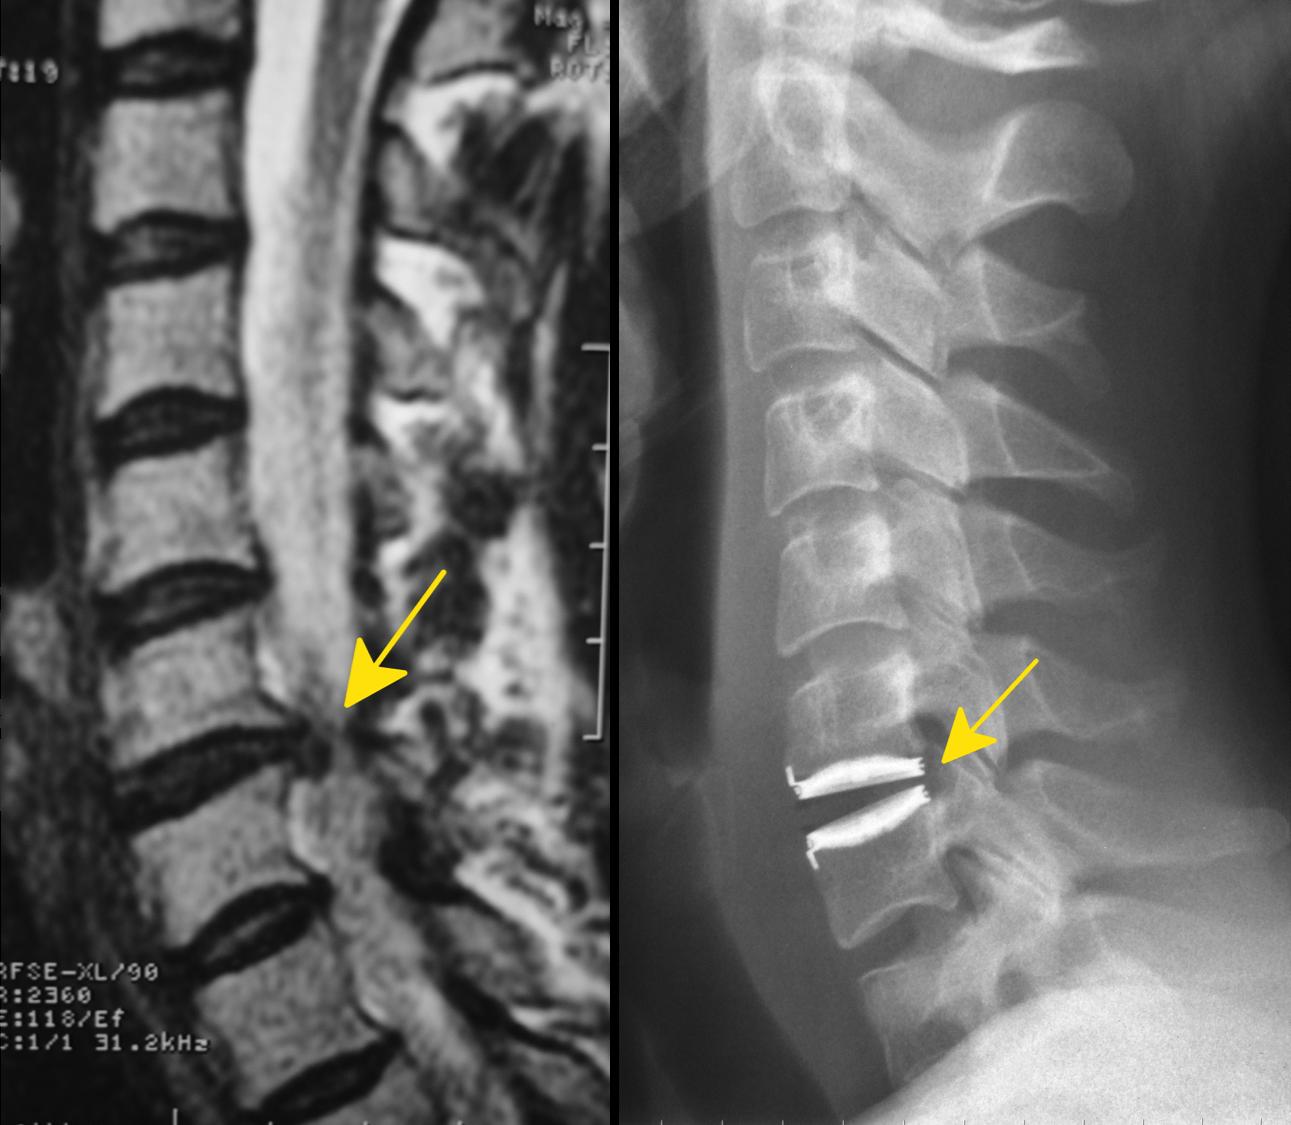 Links der Bandscheibenvorfall der Halswirbelsäule, rechts nach der minimalinvasiven Entfernung und Implantation einer Bandscheibenprothese.